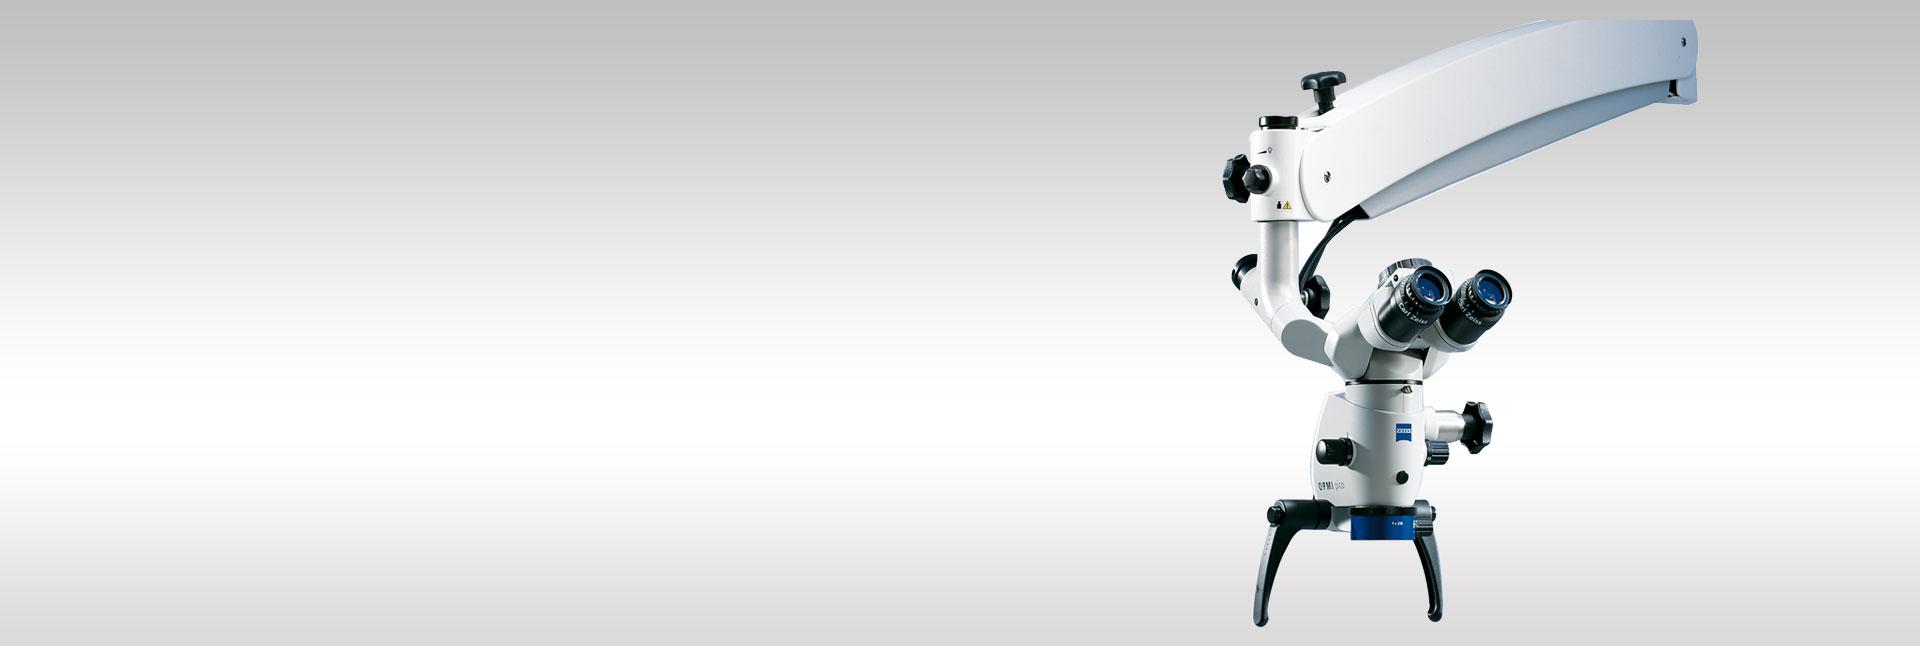 Operativni mikroskop